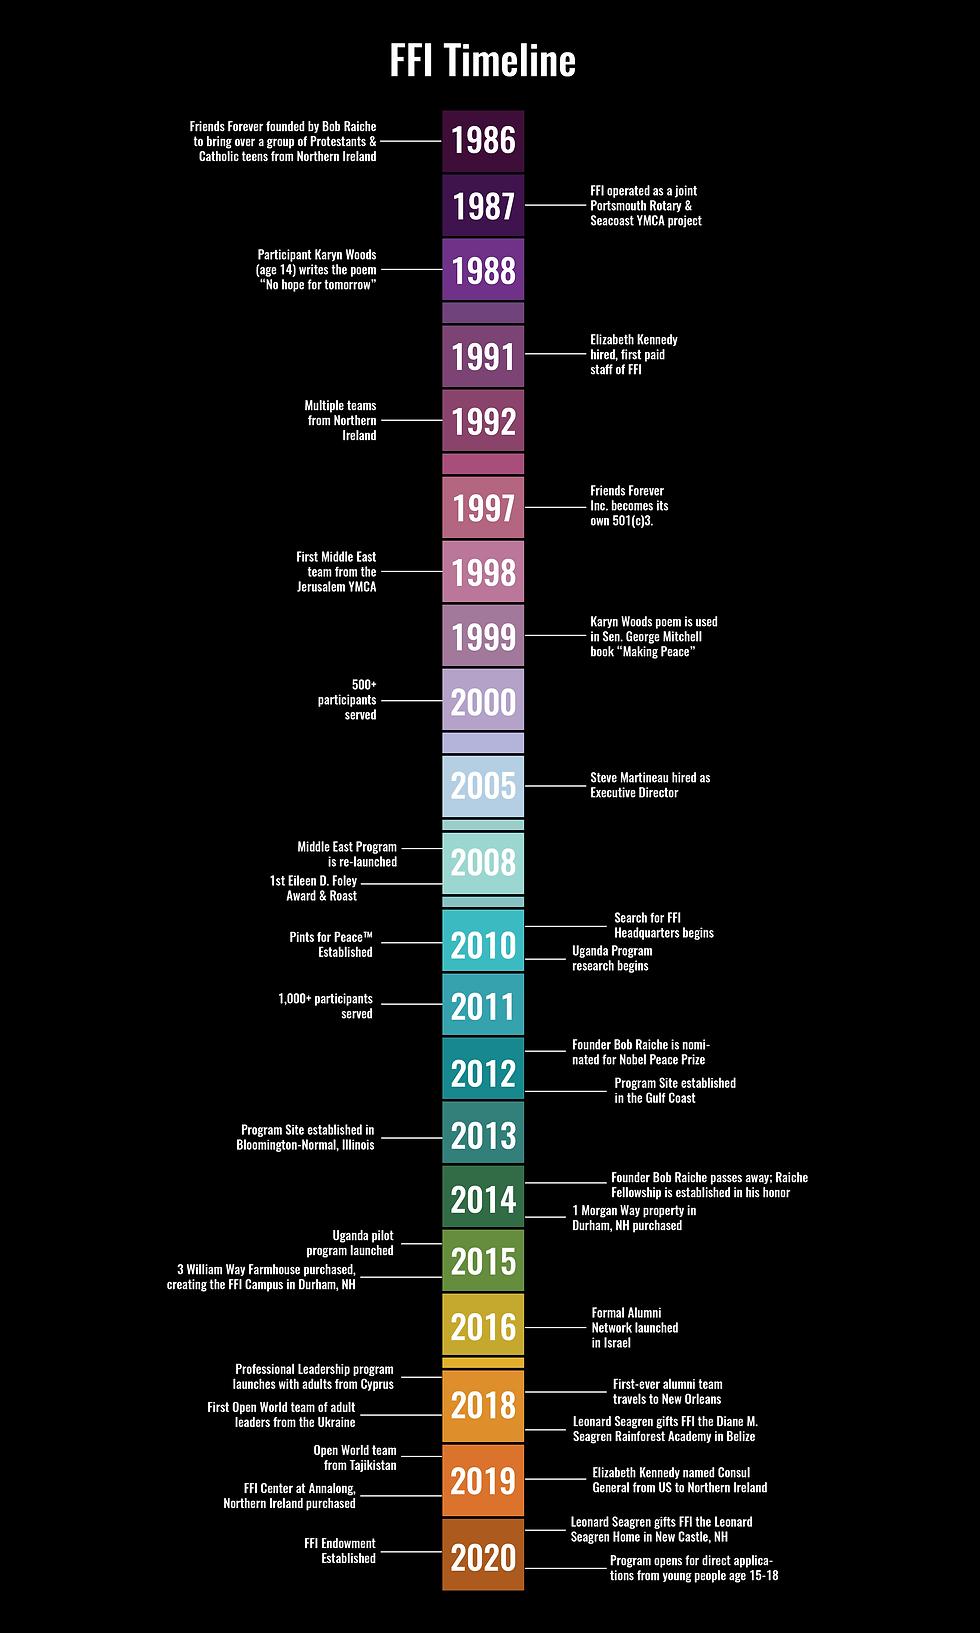 FFI Timeline 2020-01.png